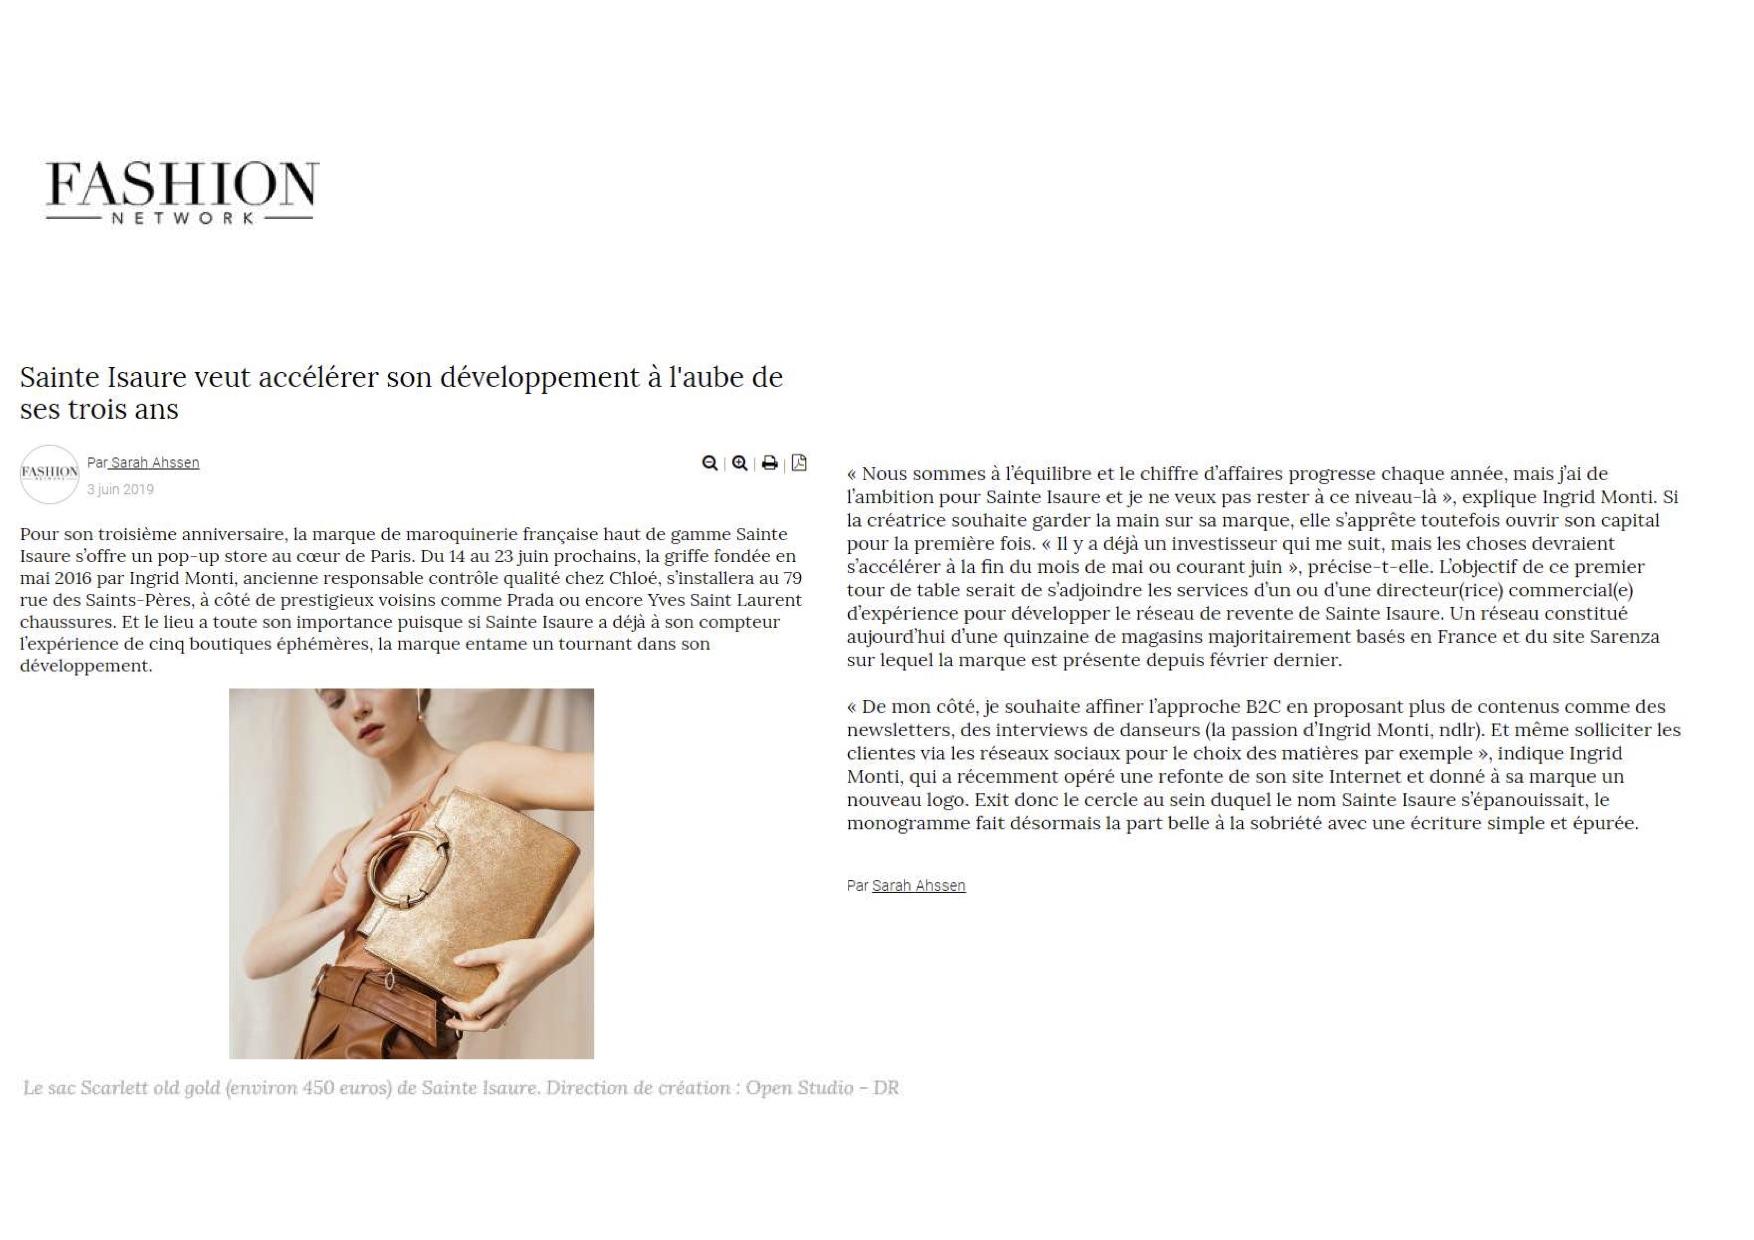 Juin 2019: Fashion Network – Sainte Isaure accélère son développement